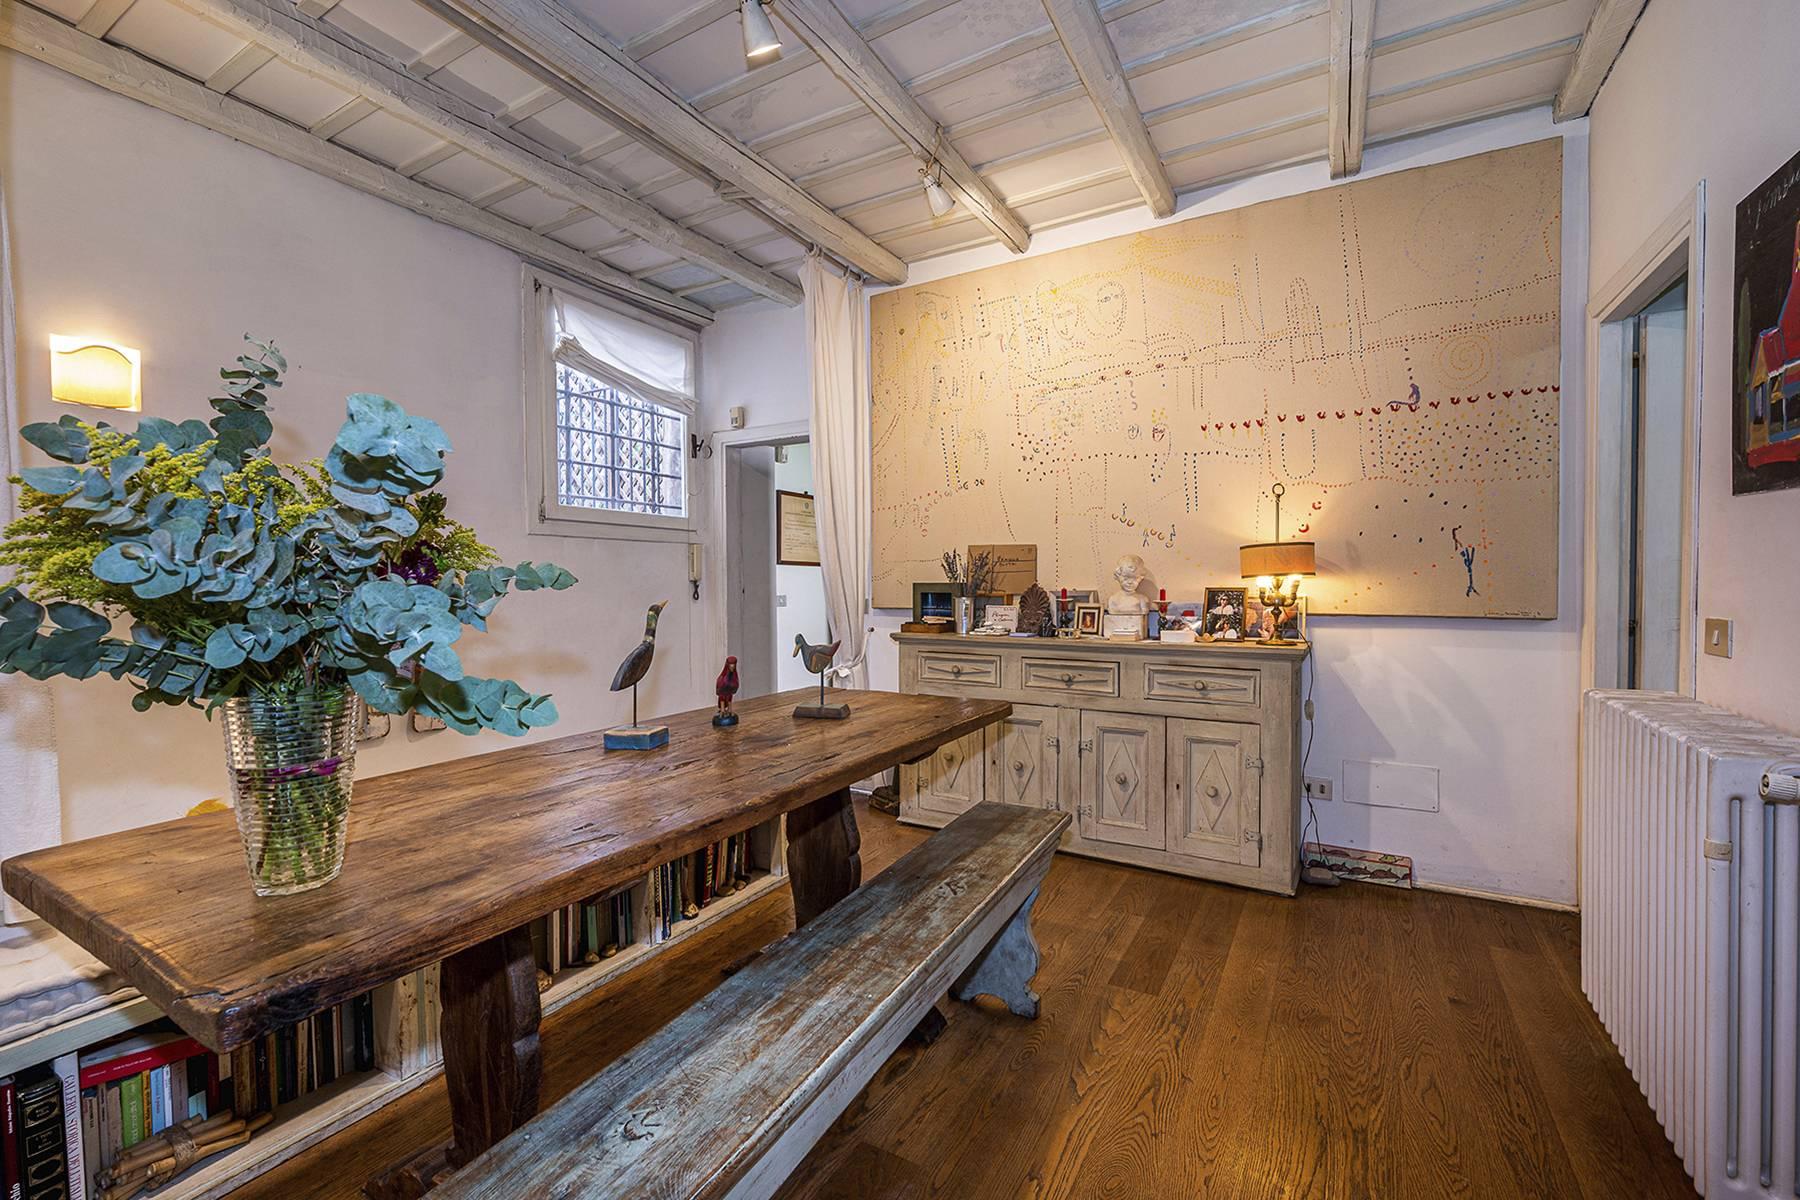 Casa indipendente in Vendita a Roma: 5 locali, 200 mq - Foto 8